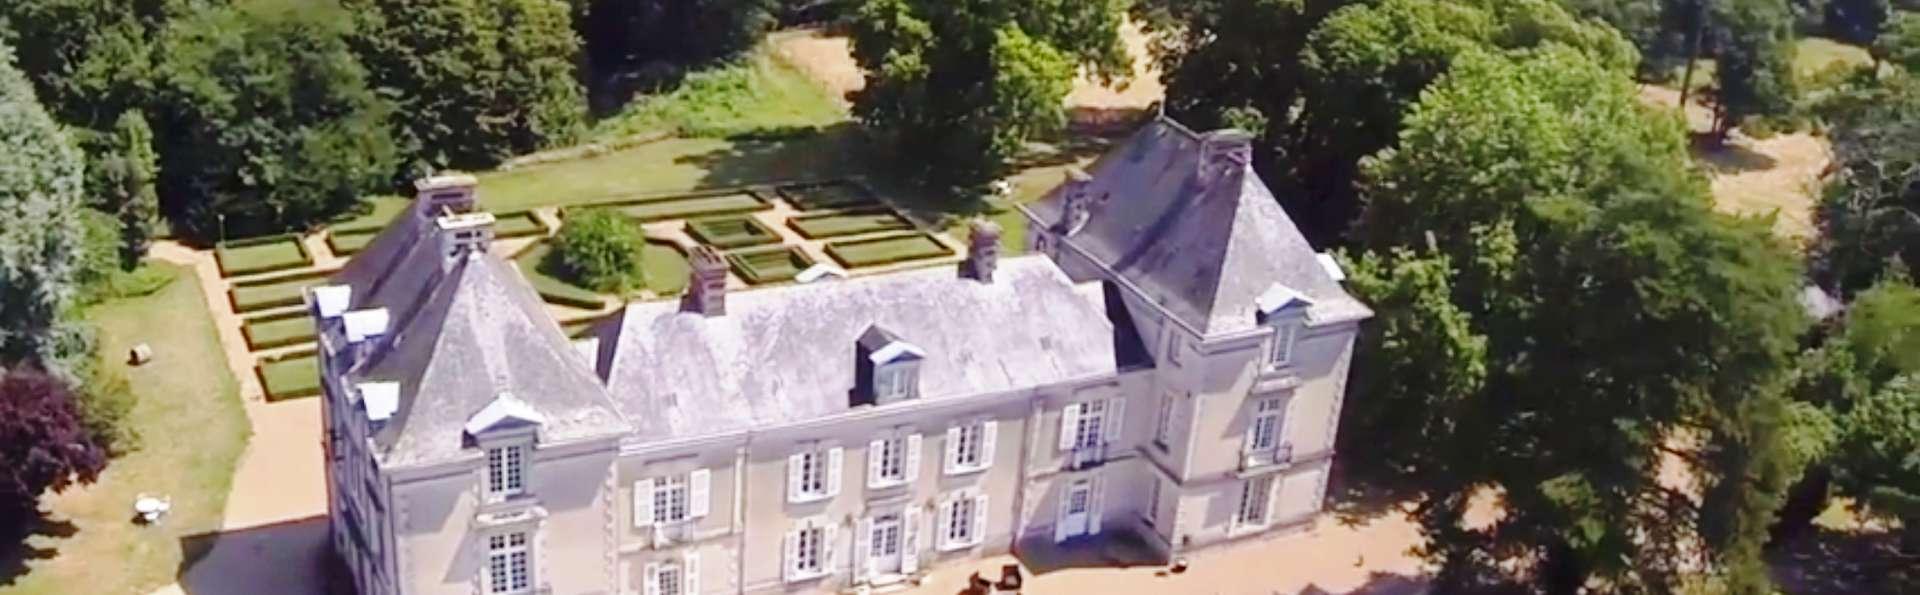 Château de Cop-Choux - Chateau_vue_aerienne.PNG